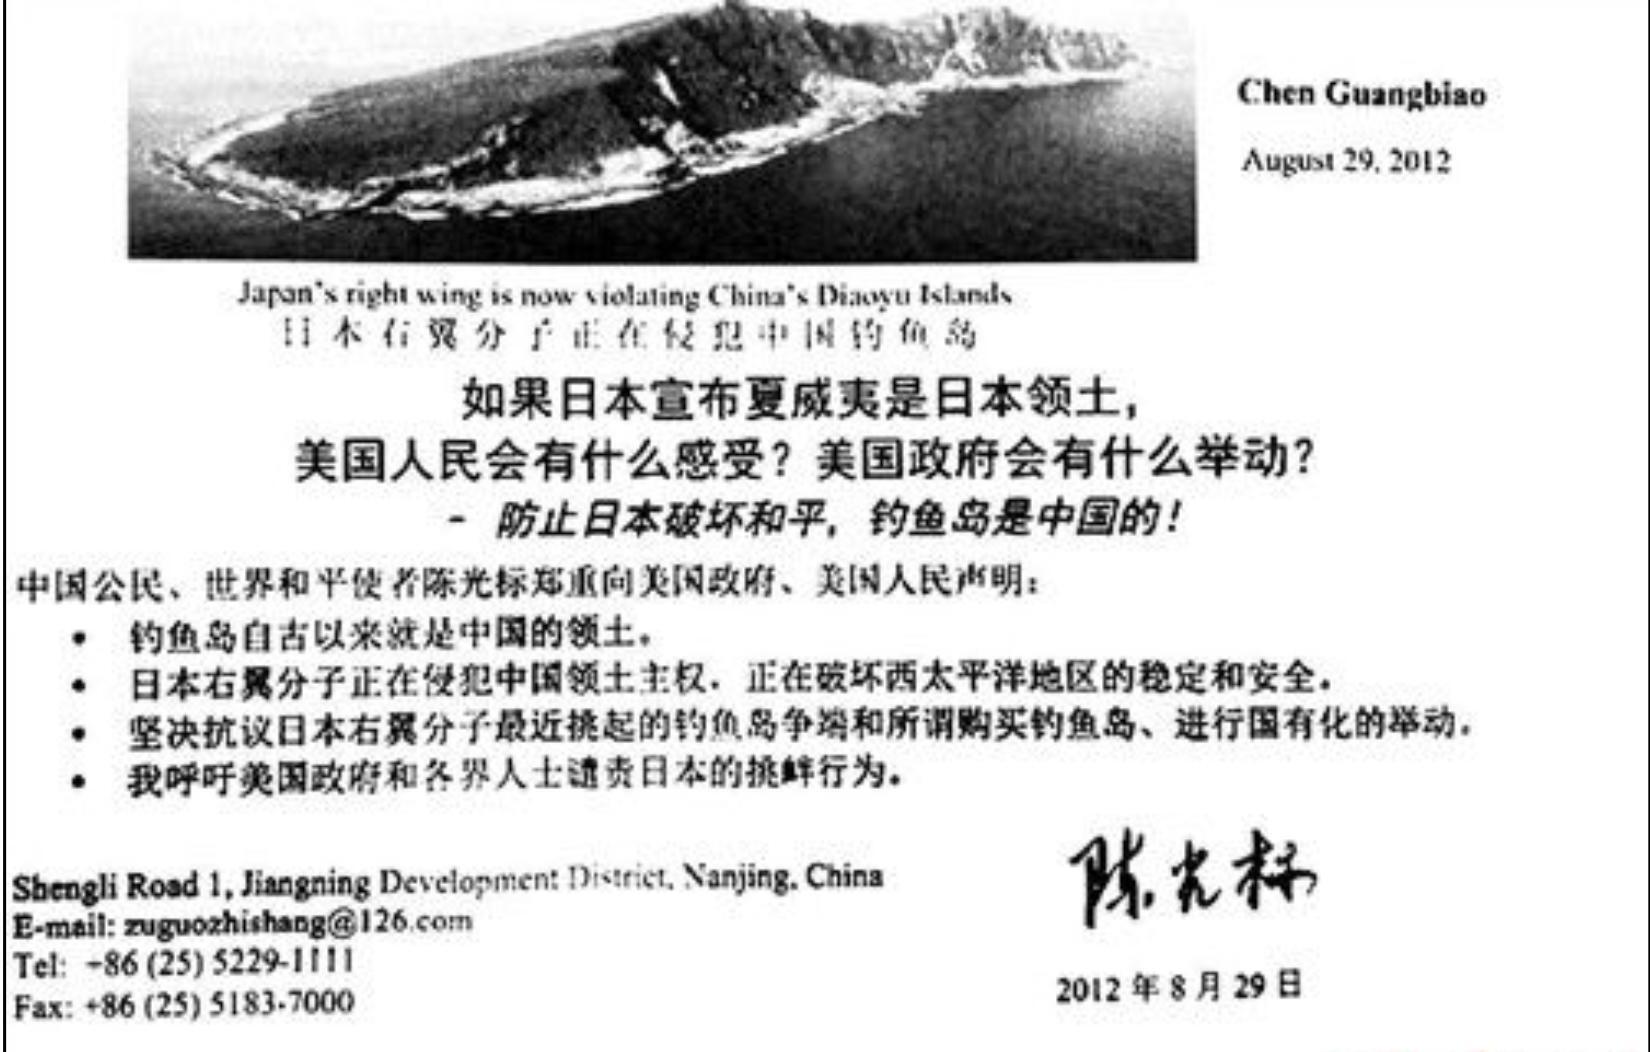 Publicité payée par Chen Guangbiao dans le NYT, le 1er juillet 2013 et et proclamant « Les îles Diaoyu sont à nous ! »